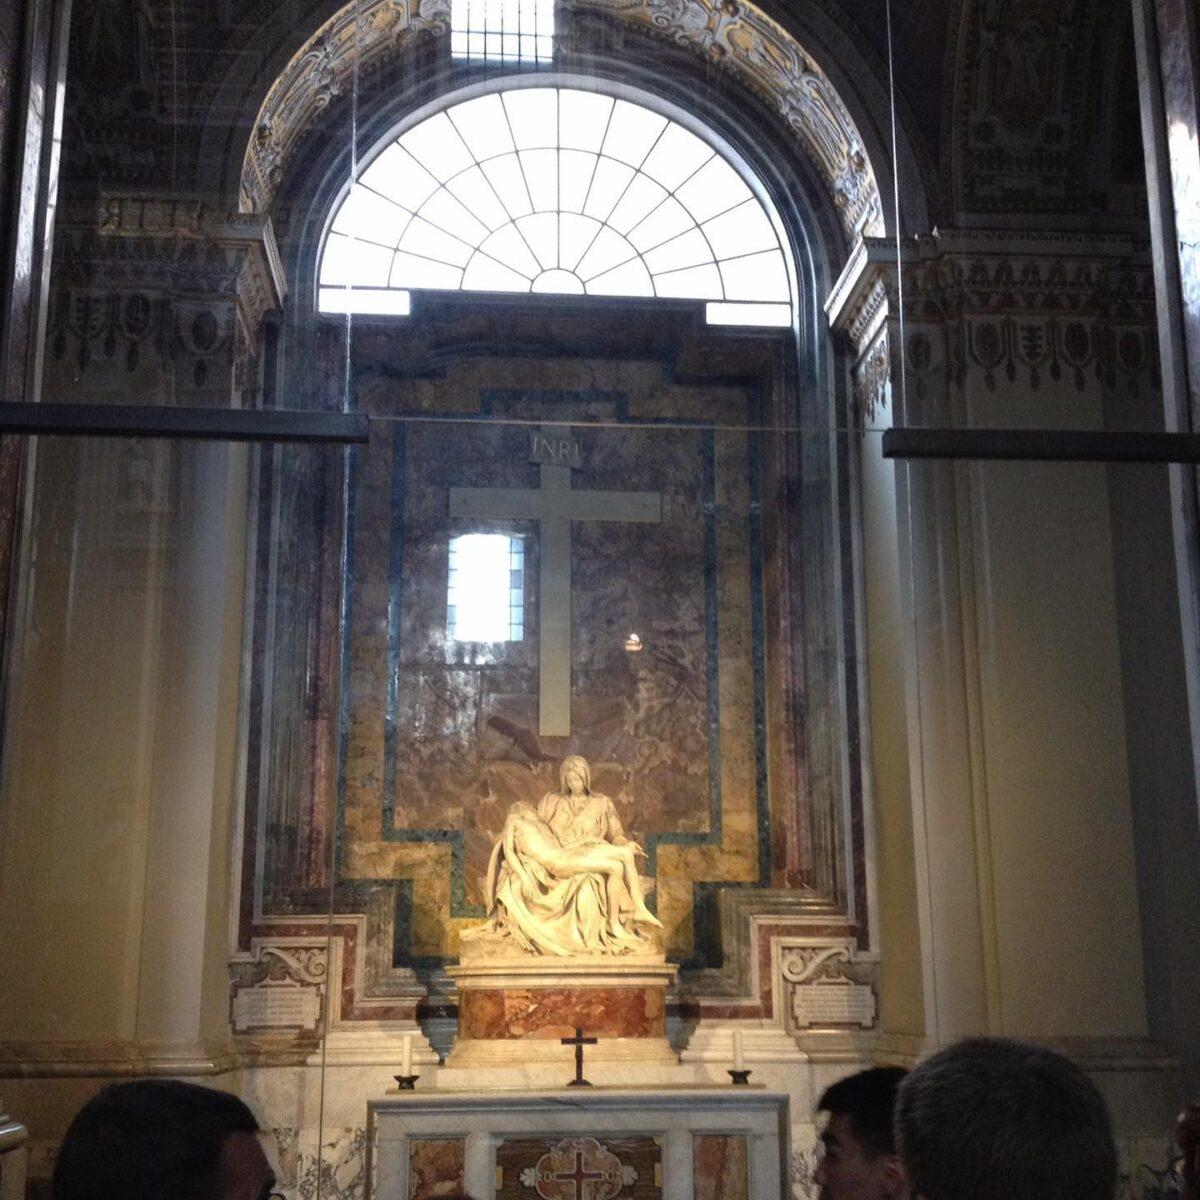 大好きな芸術家 ミケランジェロ 何故好きか? それは彼の気鋭だ。  ルネッサンス時代、時の法皇ジュリオ2世が自分が死んだ時の墓をミケランジェロに作って欲しいと依頼した。  仕事の依頼を受けたミケランジェロは法皇ジュリオ2世に請求した金額は 当時の高級官僚の年収の10年分!  これには法皇ジュリオ2世も怒り心頭 当時、ミケランジェロはフィレンツェでは有名だがここ法王庁ローマではまだ無名に近かったからだ。  しかし、このルネッサンスを代表するミケランジェロはこう答えた    「得をするのは貴方ですよ。」 と、  その墓とはヴァチカンに入ってすぐ右手にあるキリスト教母子像ピエタだ、  このキリスト教史上かなり悪名高い法皇は 500年経っても世界中から人々が自分の墓に訪れる、     この法皇は得をしたのは間違いないがこの世界遺産のピエタが彼の墓だと知っている人は少ない  コロナぎ開けたら イタリア旅行をおススメしたい、そこには知的興奮と味覚的幸せが待っている。